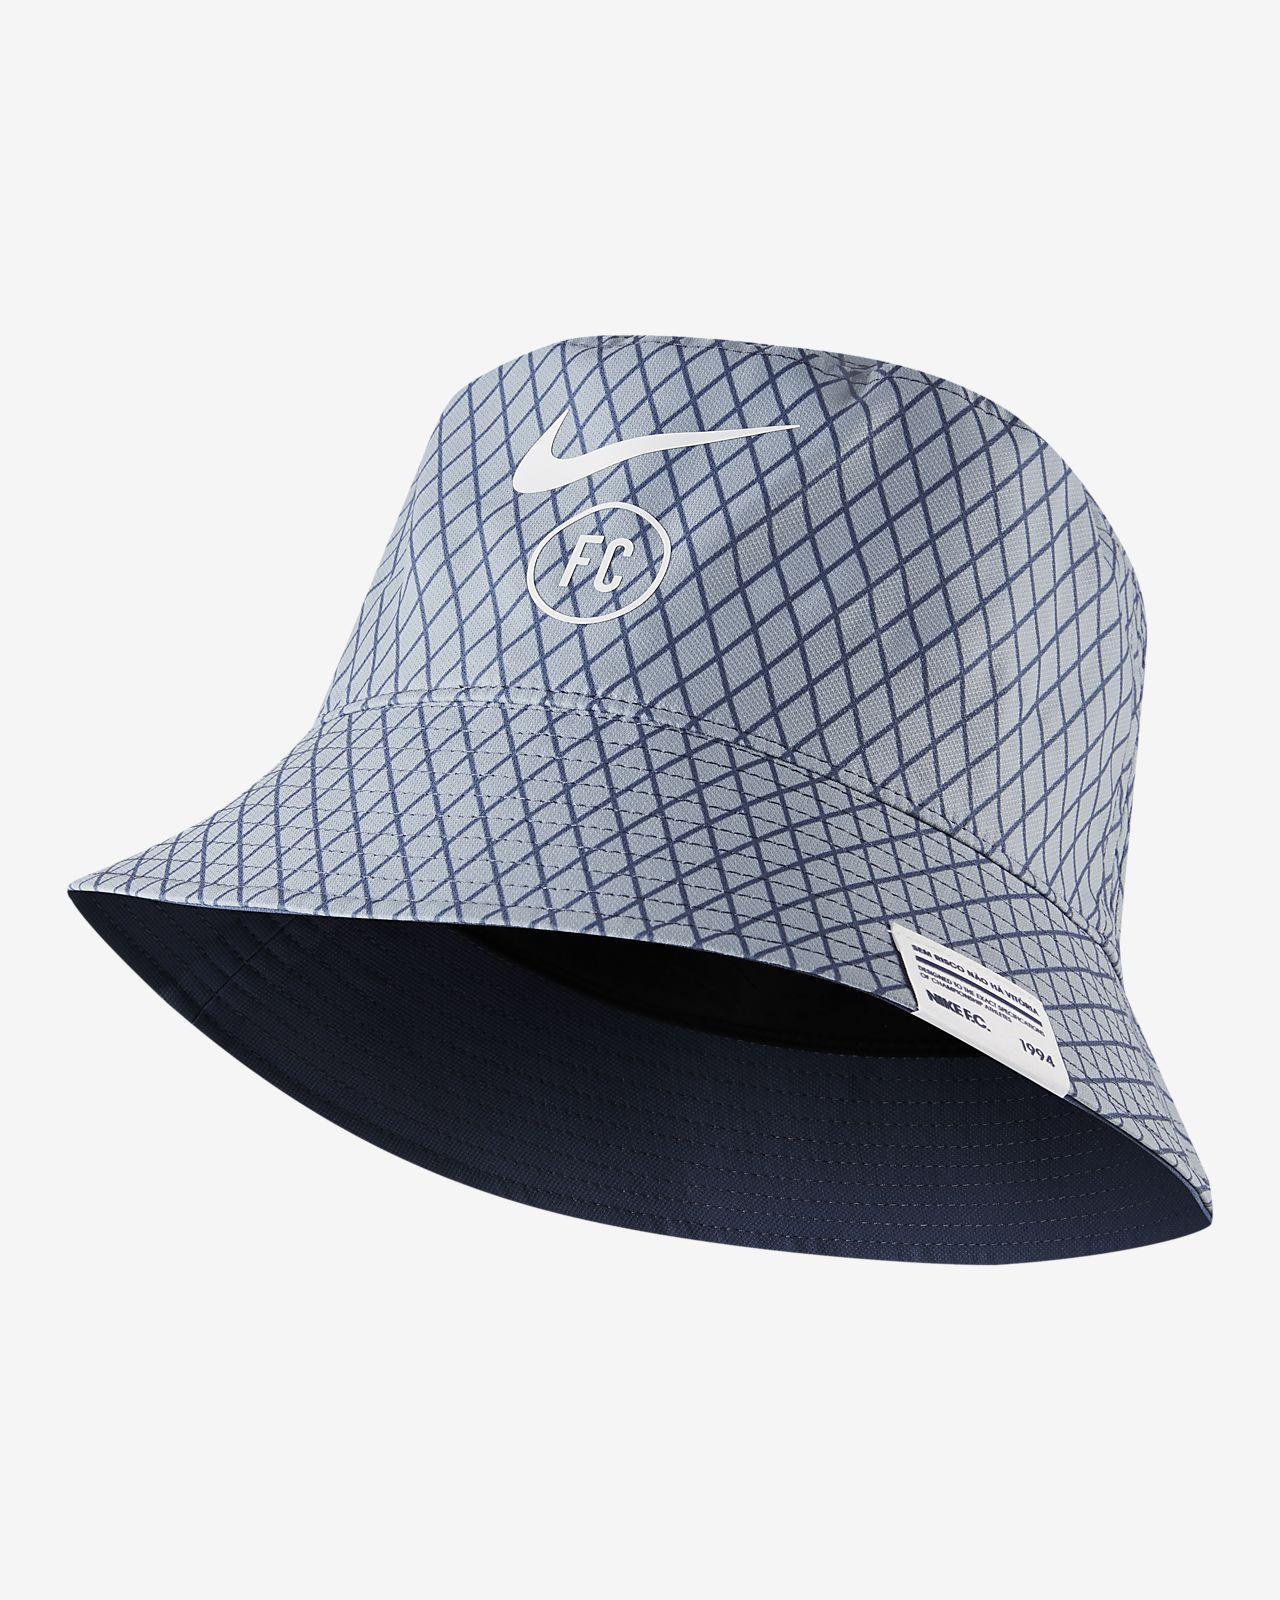 Nike F.C. 渔夫运动帽